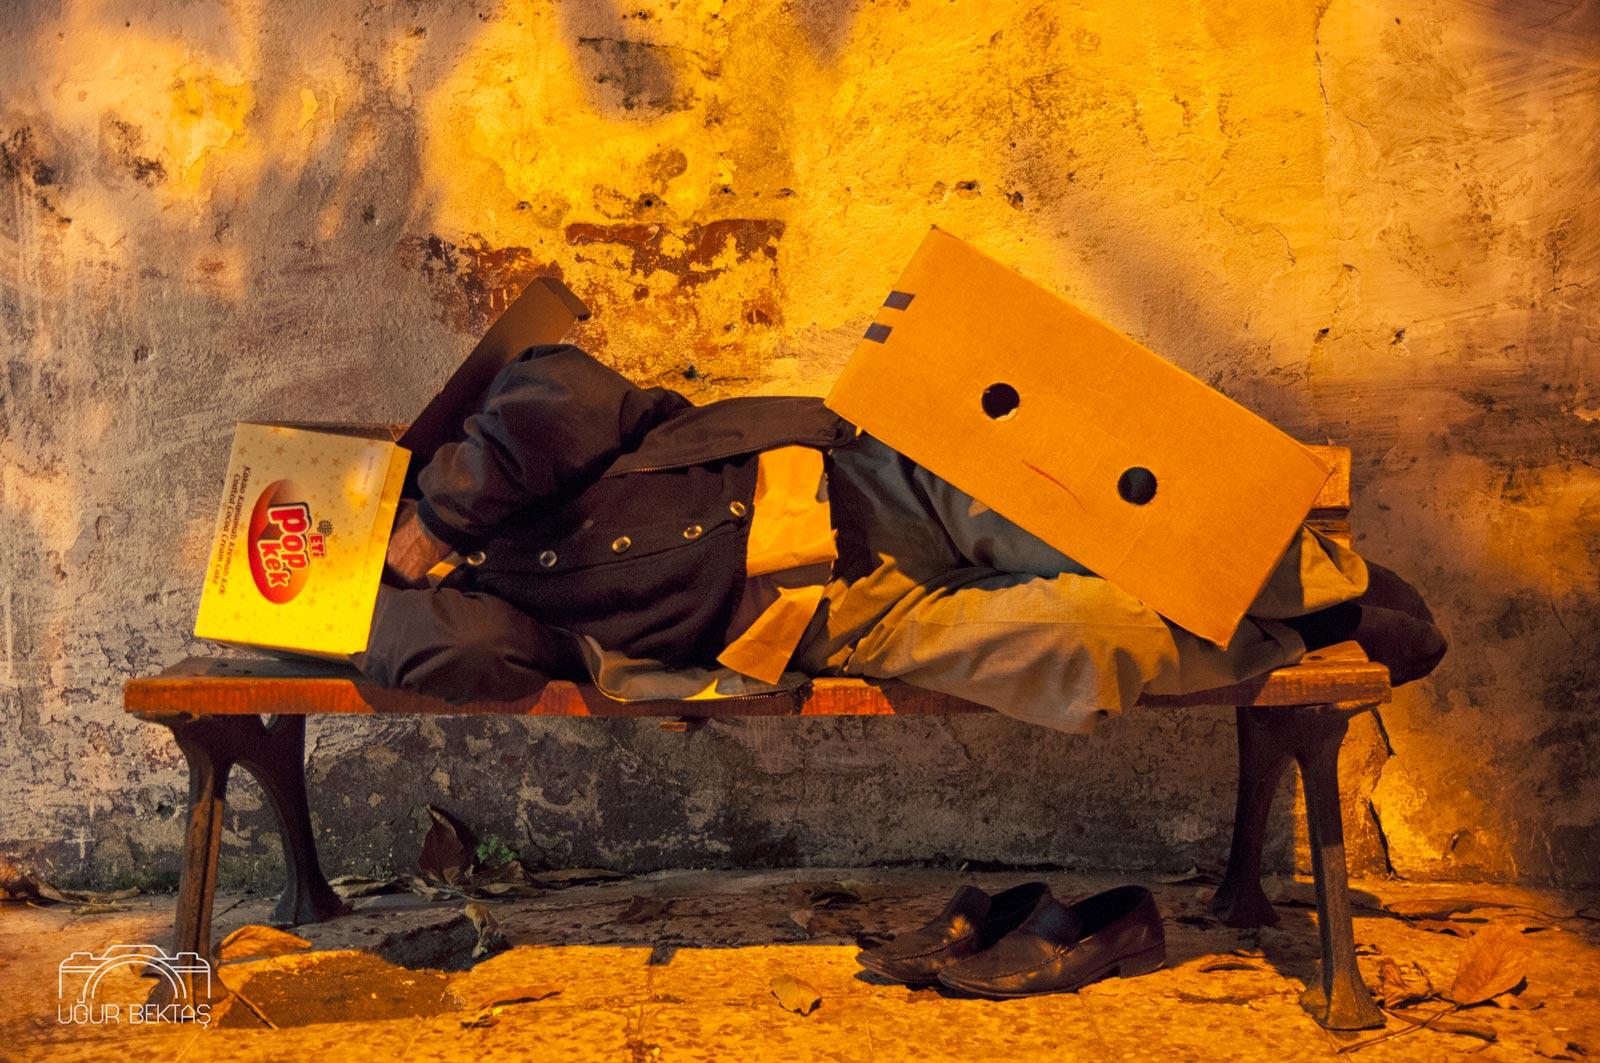 Uyuyanlar_Fotograf_Projeleri_Ugur_Bektas_0007.jpg